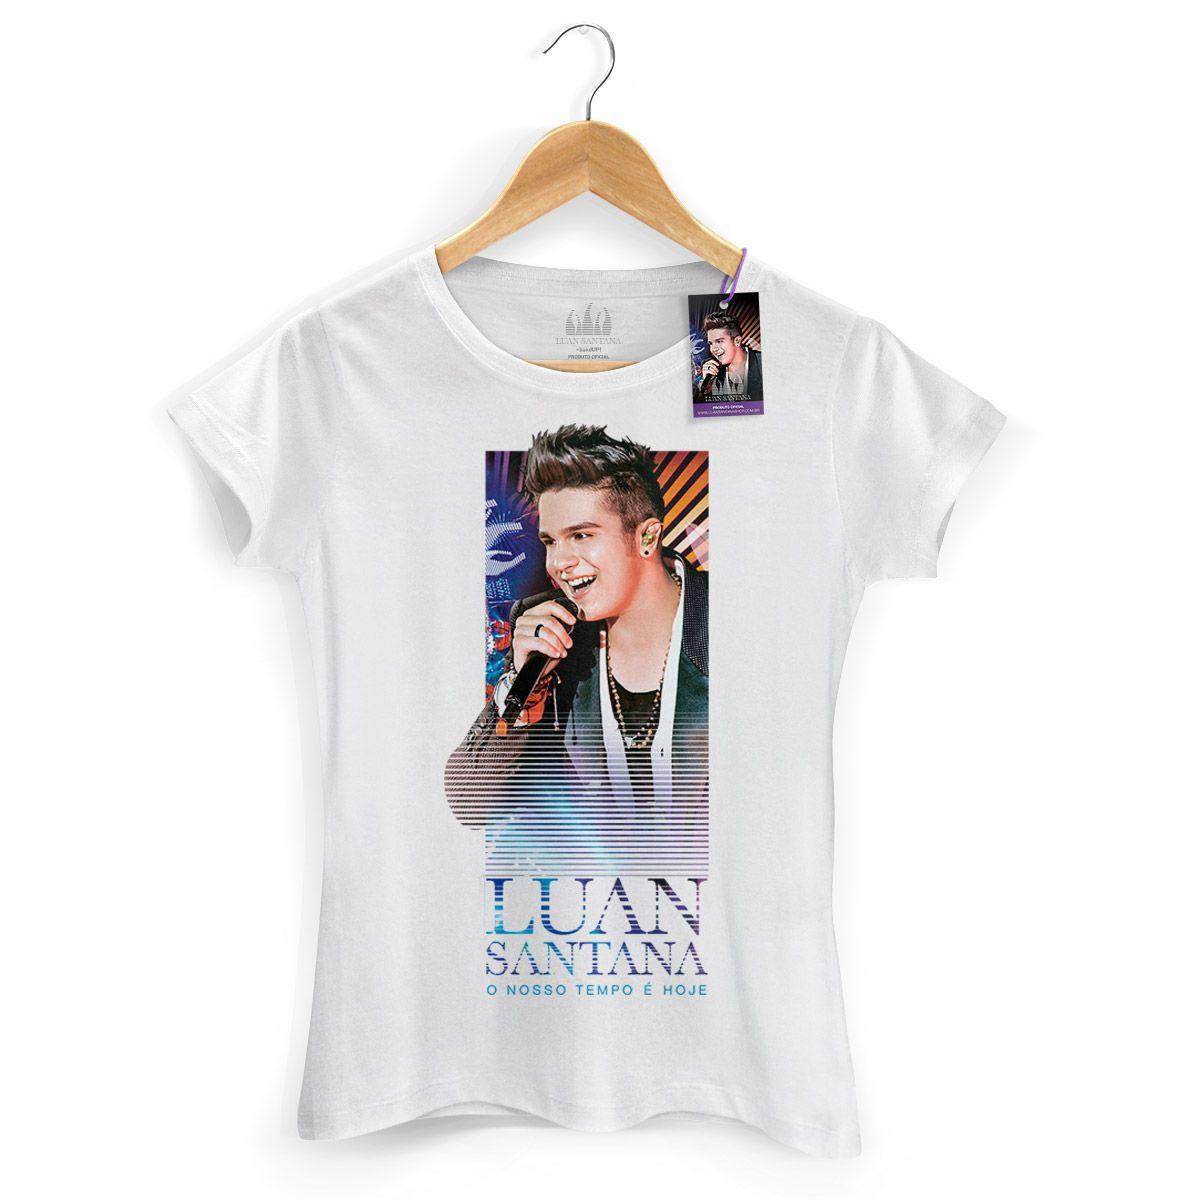 Camiseta Feminina Luan Santana - O Nosso Tempo é Hoje